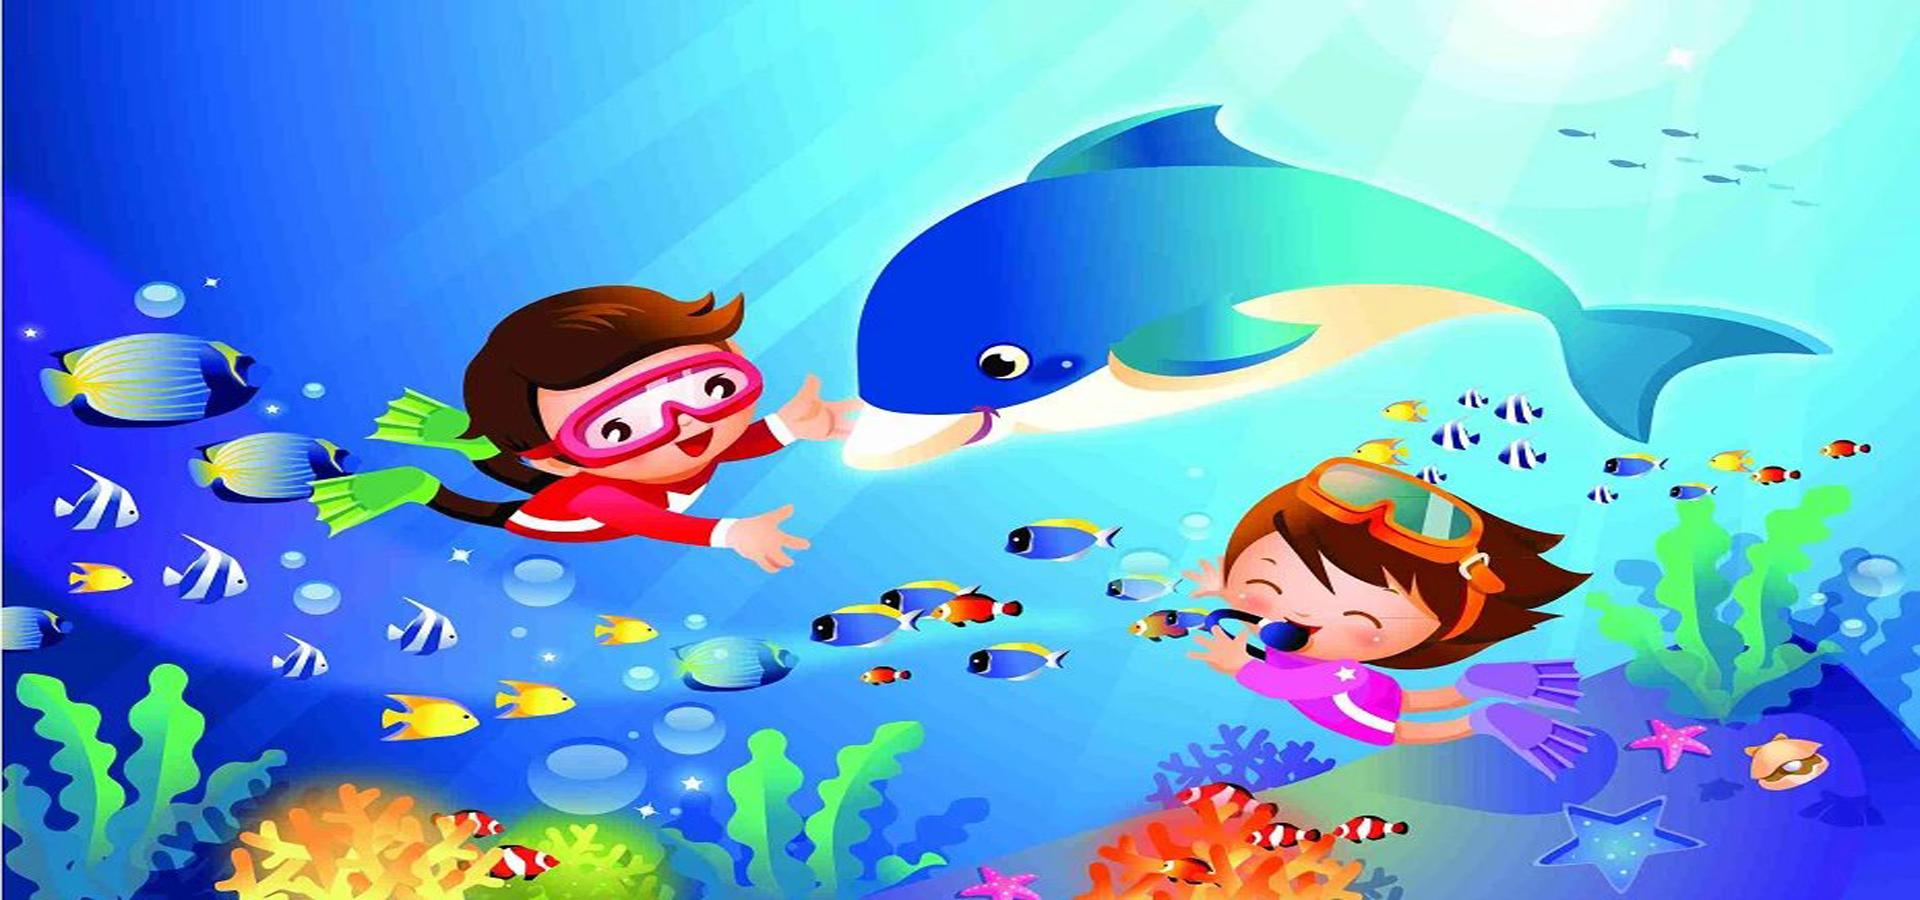 Nel cartone il mondo sottomarino i cartoni animati